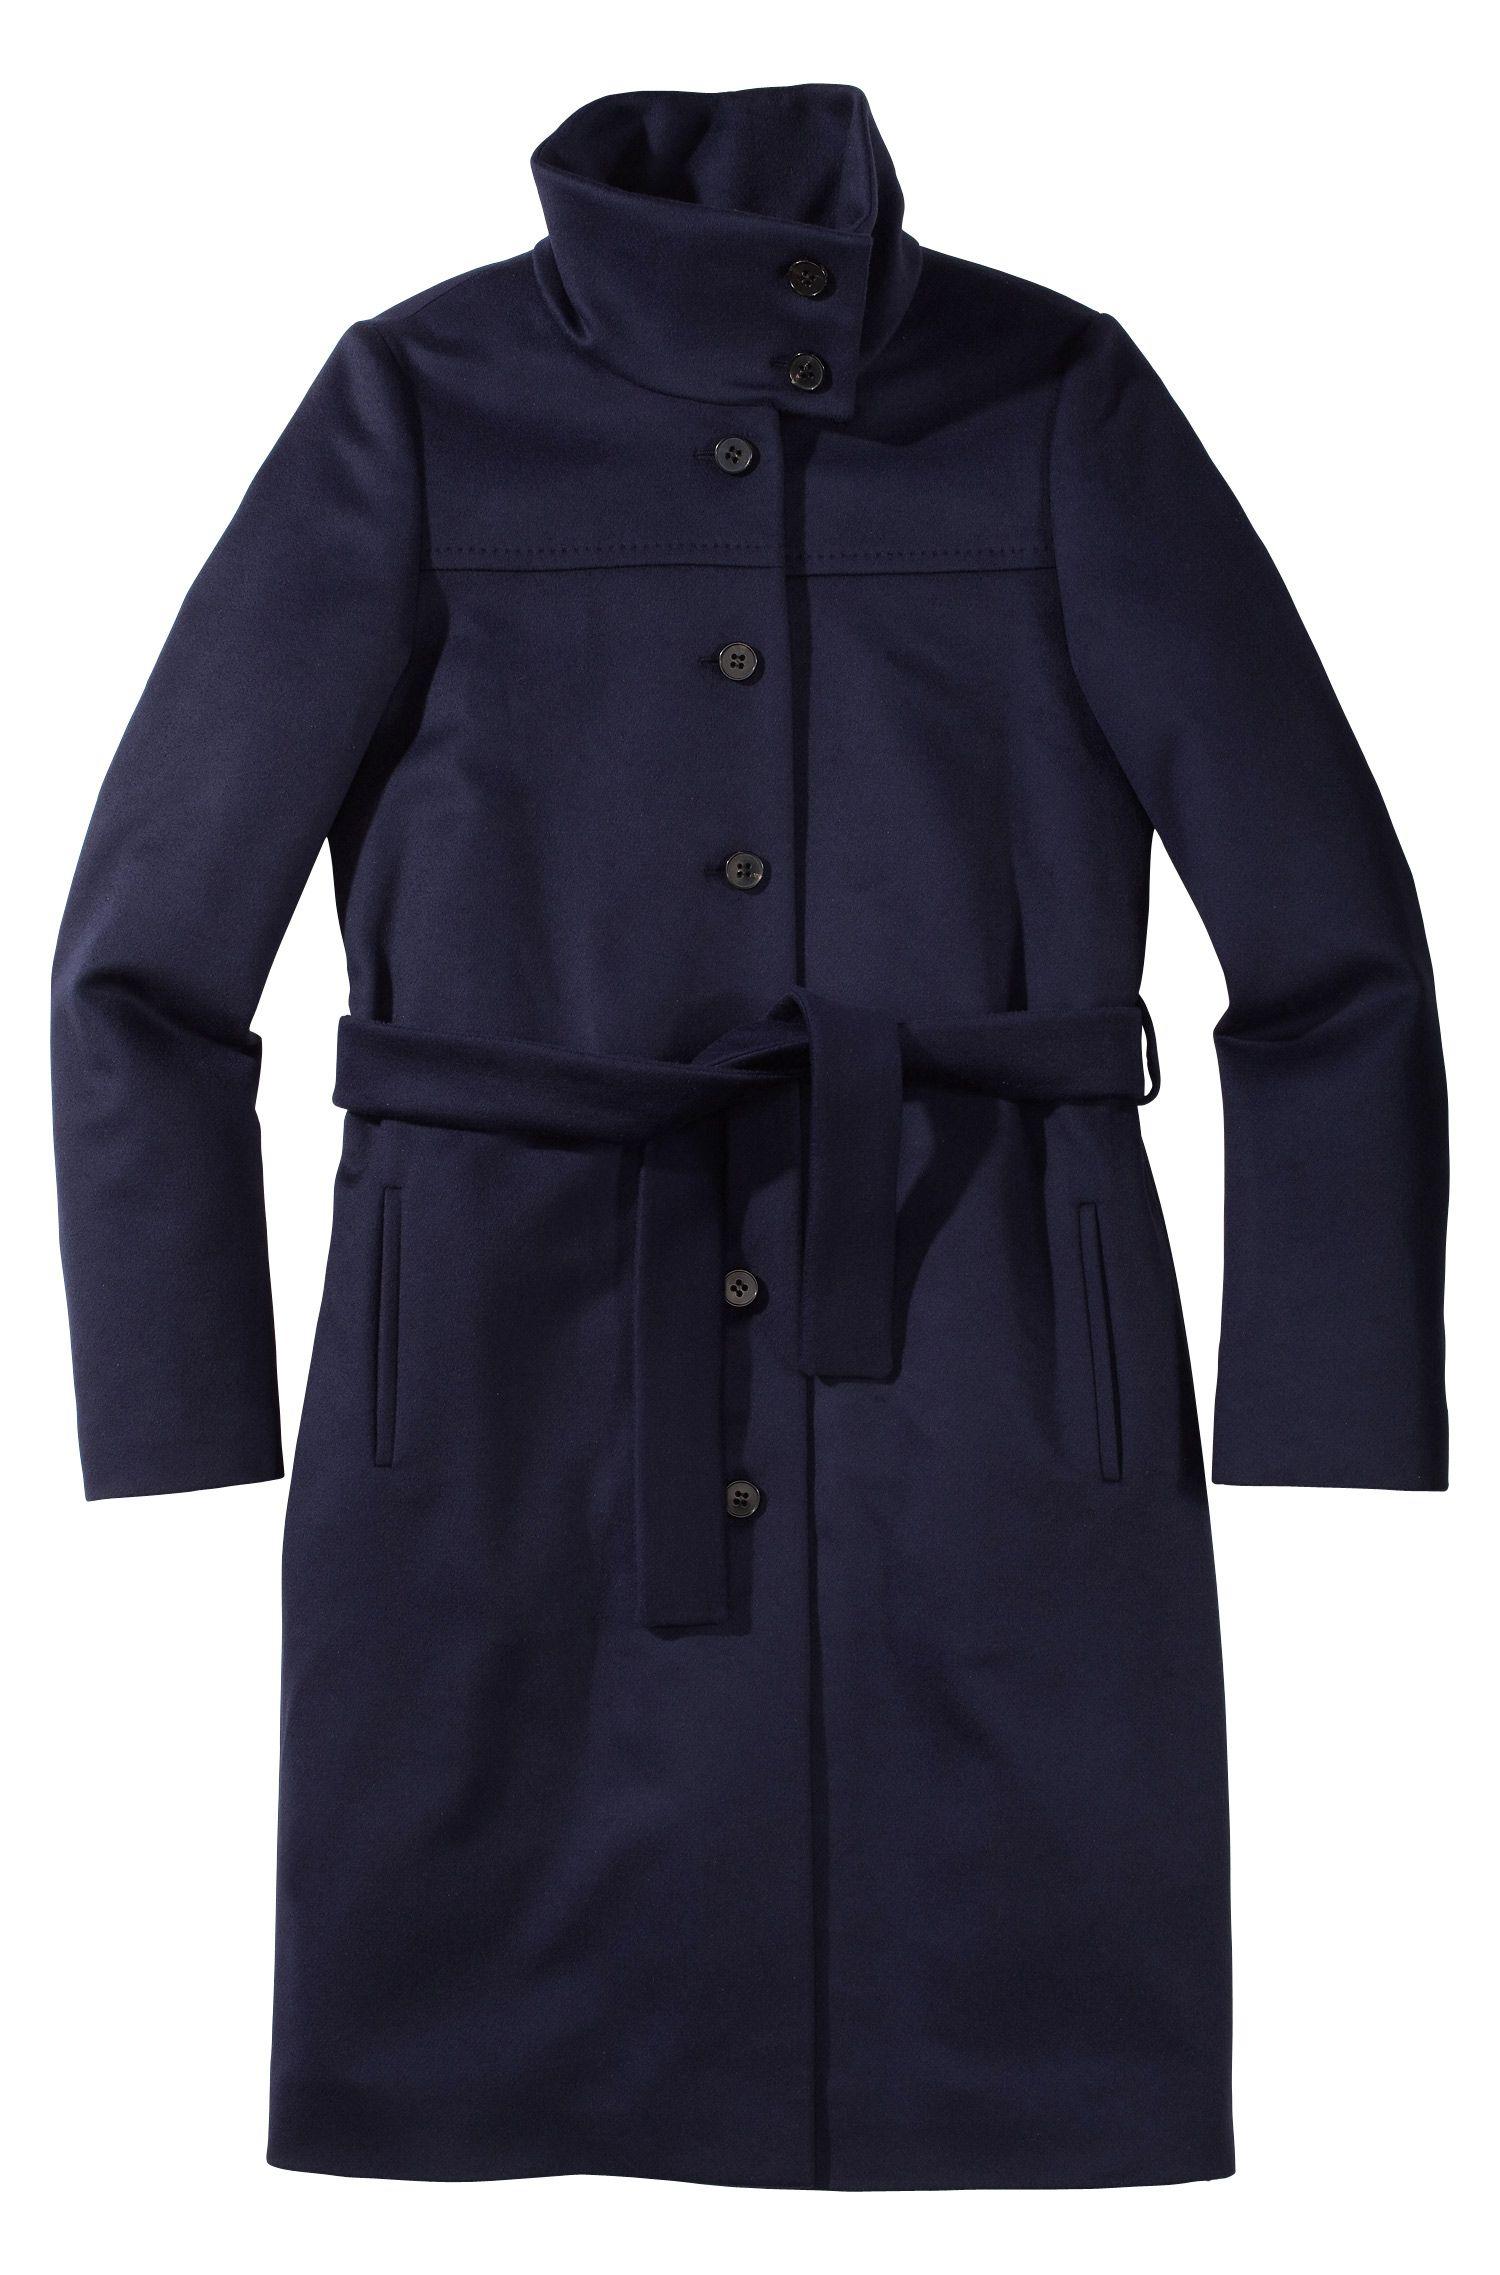 Mantel ´Clamin` mit breitem Stehkragen